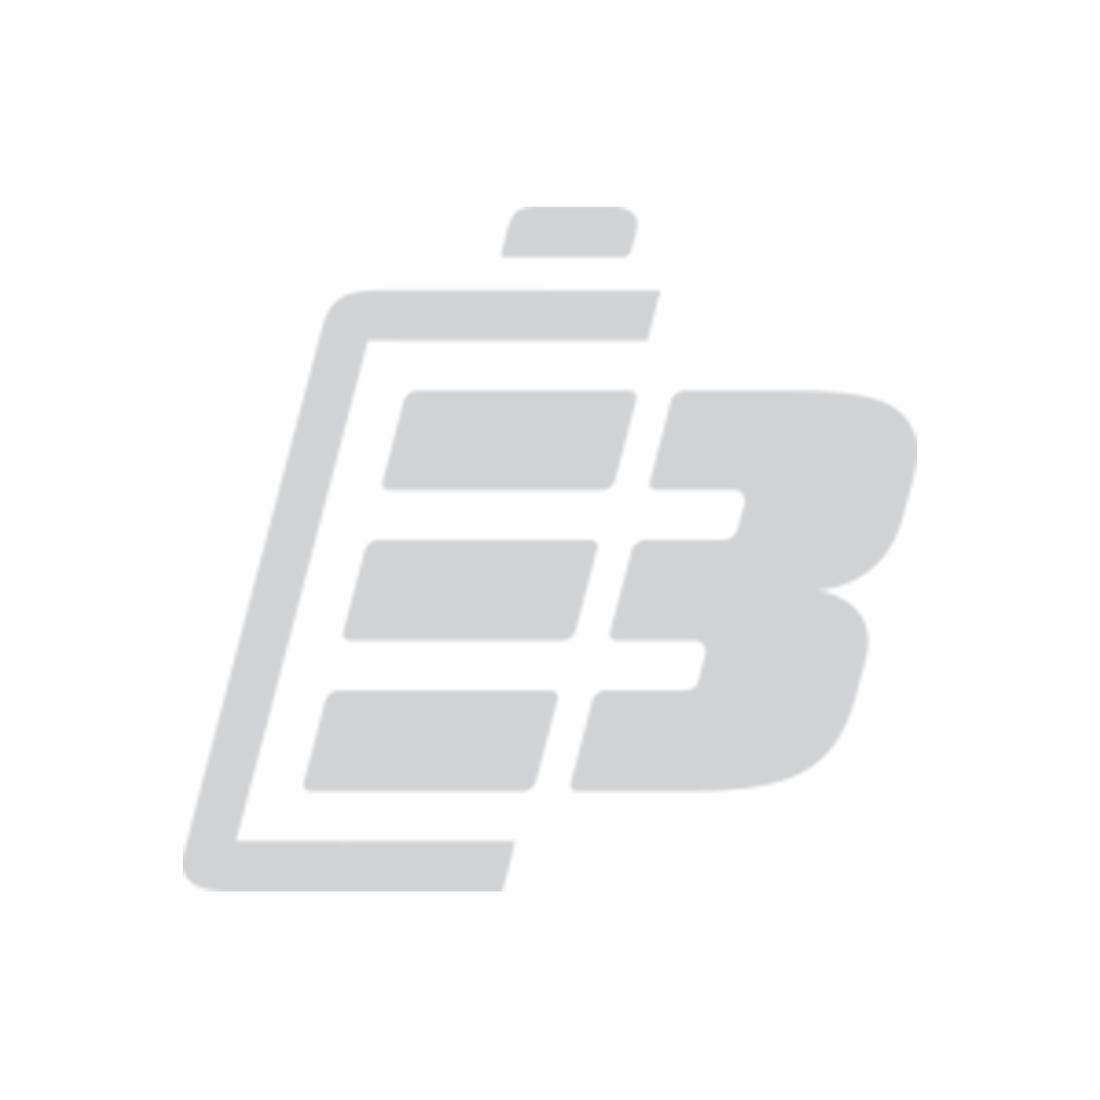 CSB LEAD BATTERY HR12200W_1